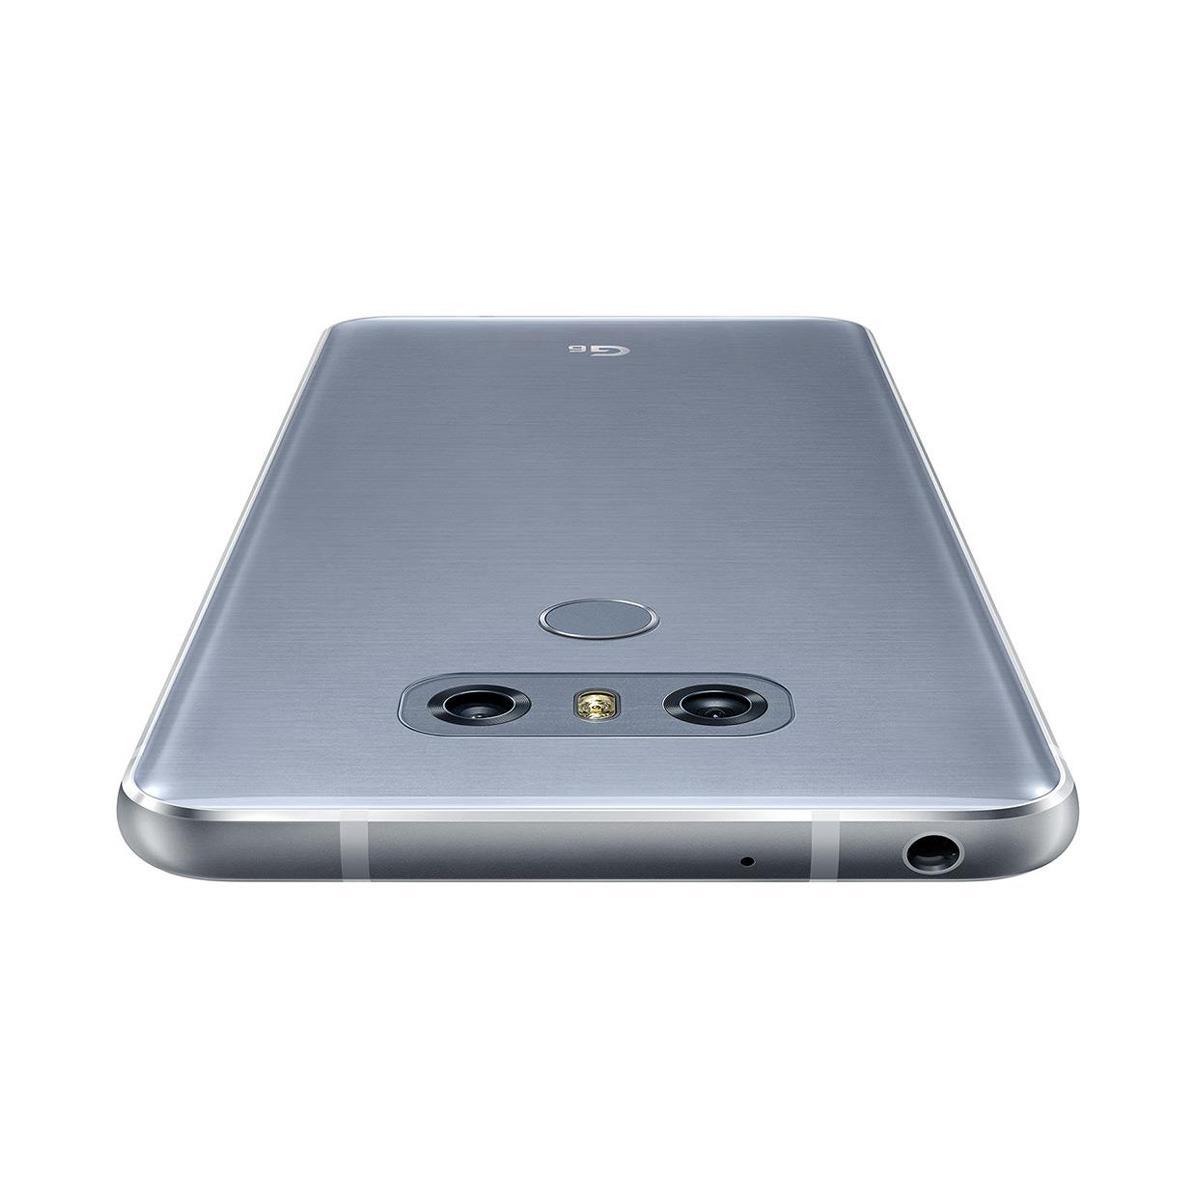 2fb6f7d85 Smartphone LG G6 com tela de 5.7